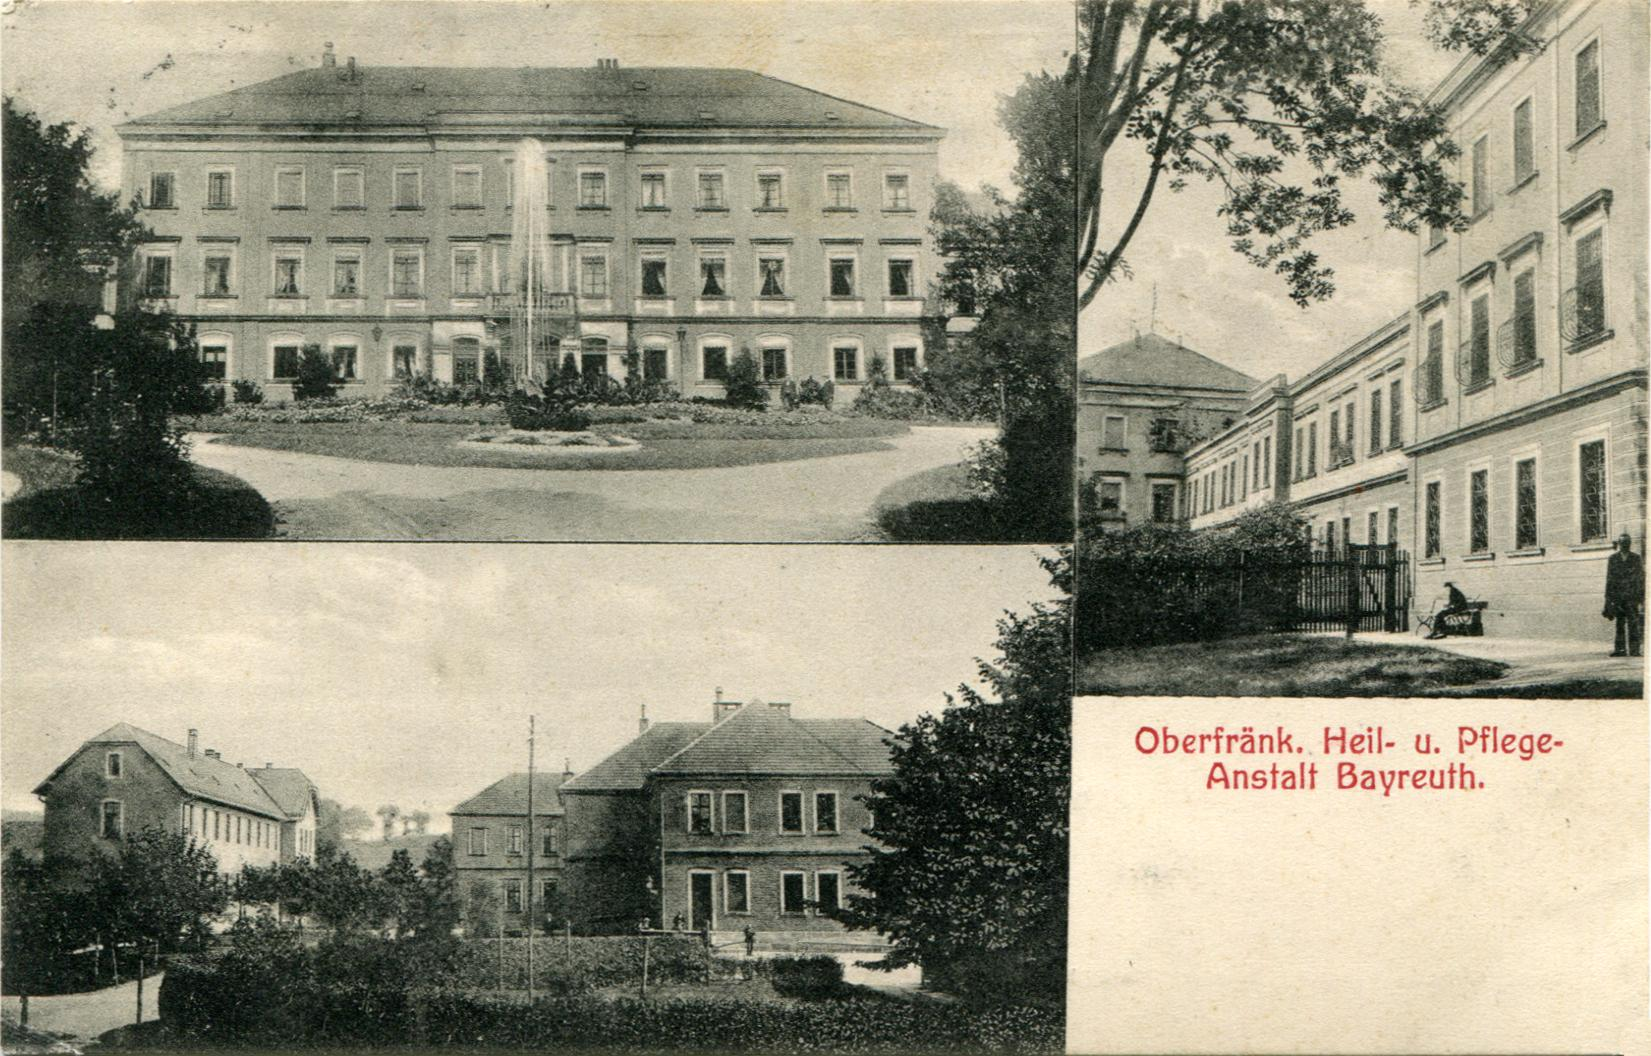 StadtABT, Historische Postkarte ca. 1906/07